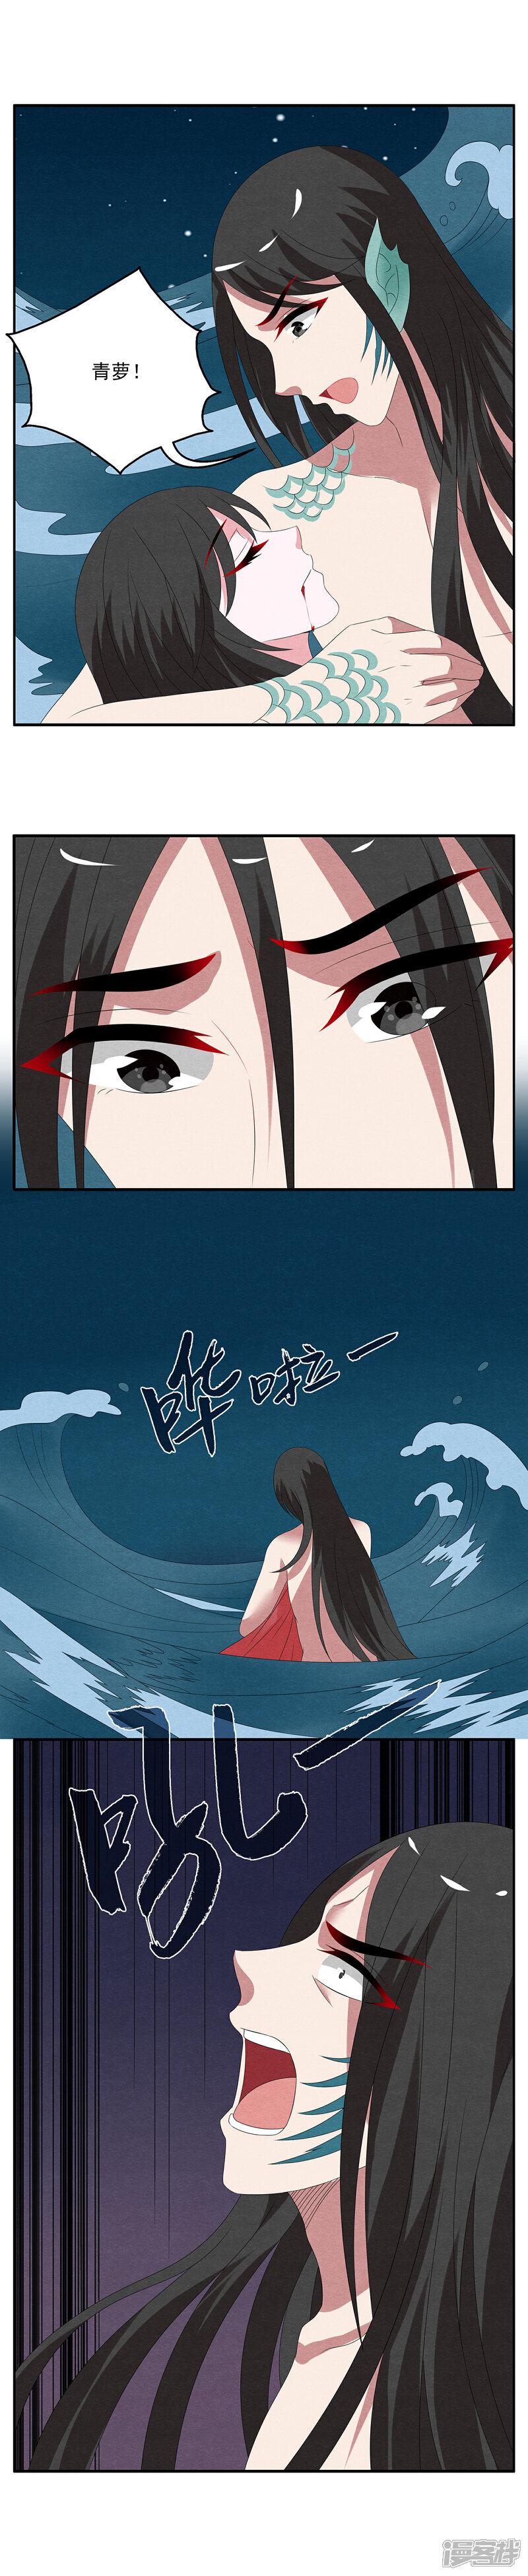 洛小妖118 (2).JPG